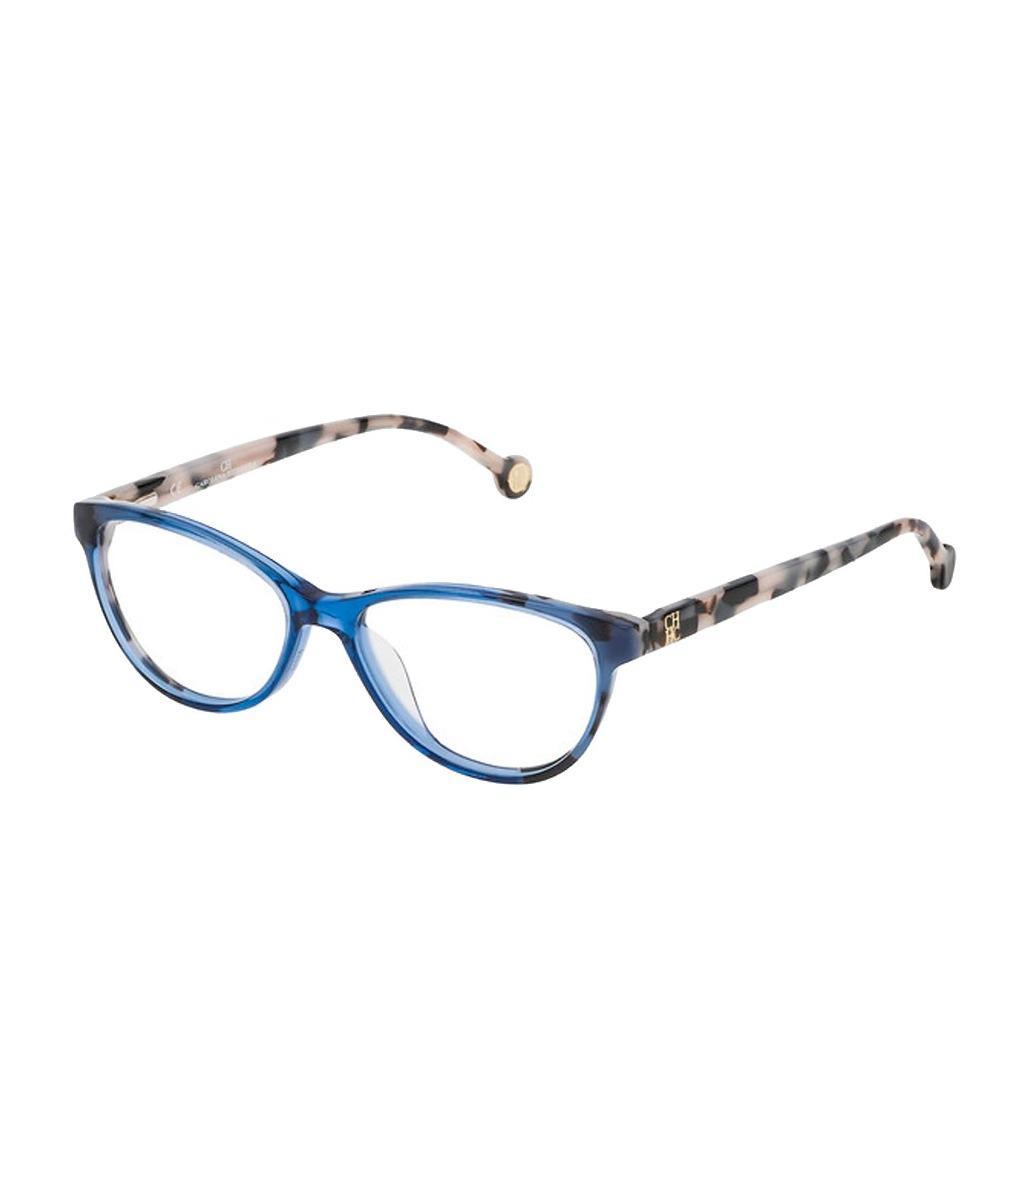 e62c7b5085 Gafas Carolina Herrera Vhe718l 0955 - $ 600.000 en Mercado Libre